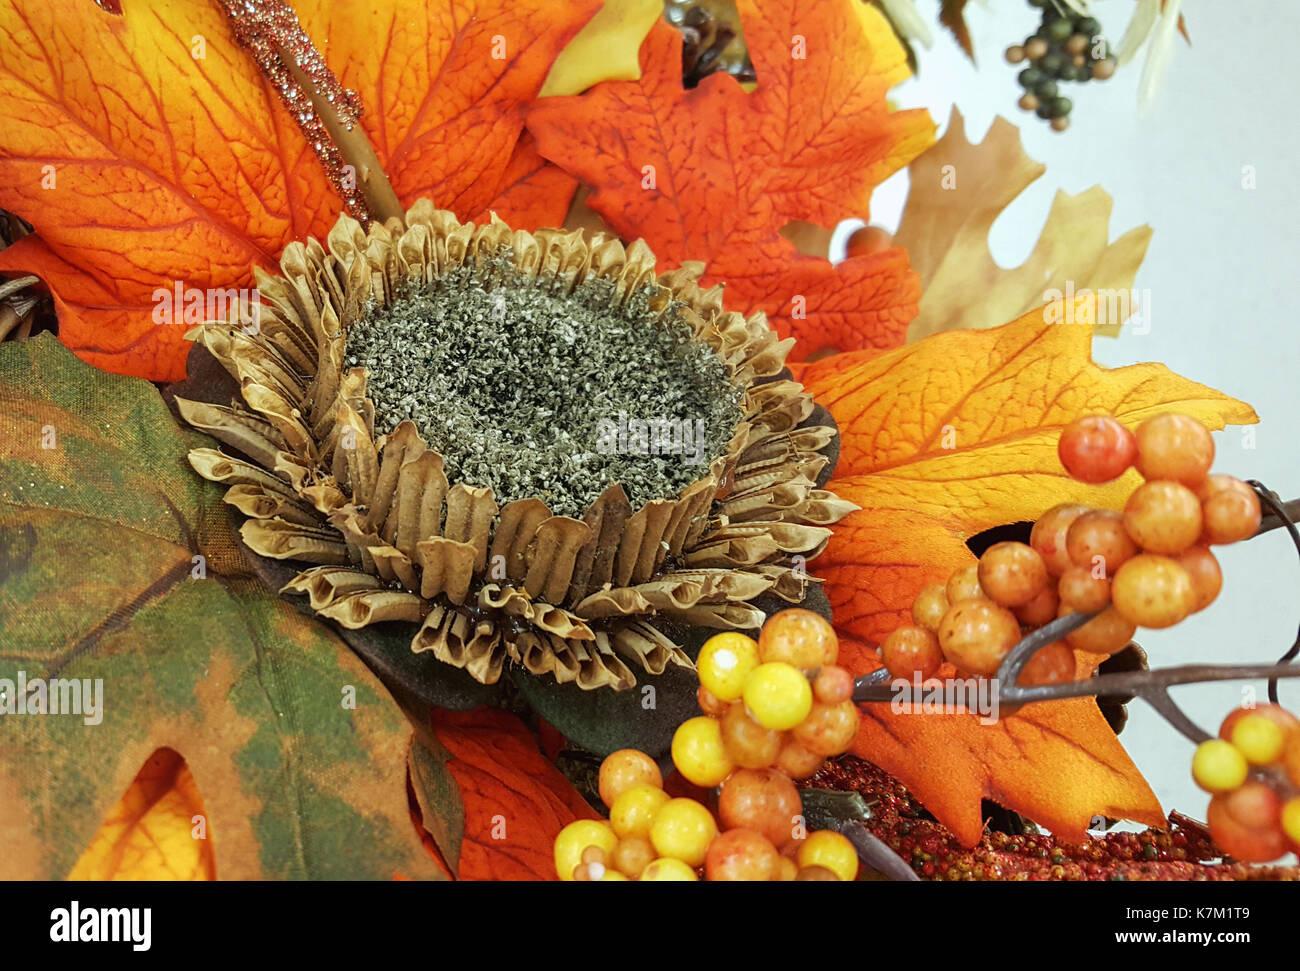 Zusammensetzung Bukett Von Getrockneten Blumen Beeren Und Blatter Herbst Herbst Dekor Stockfotografie Alamy